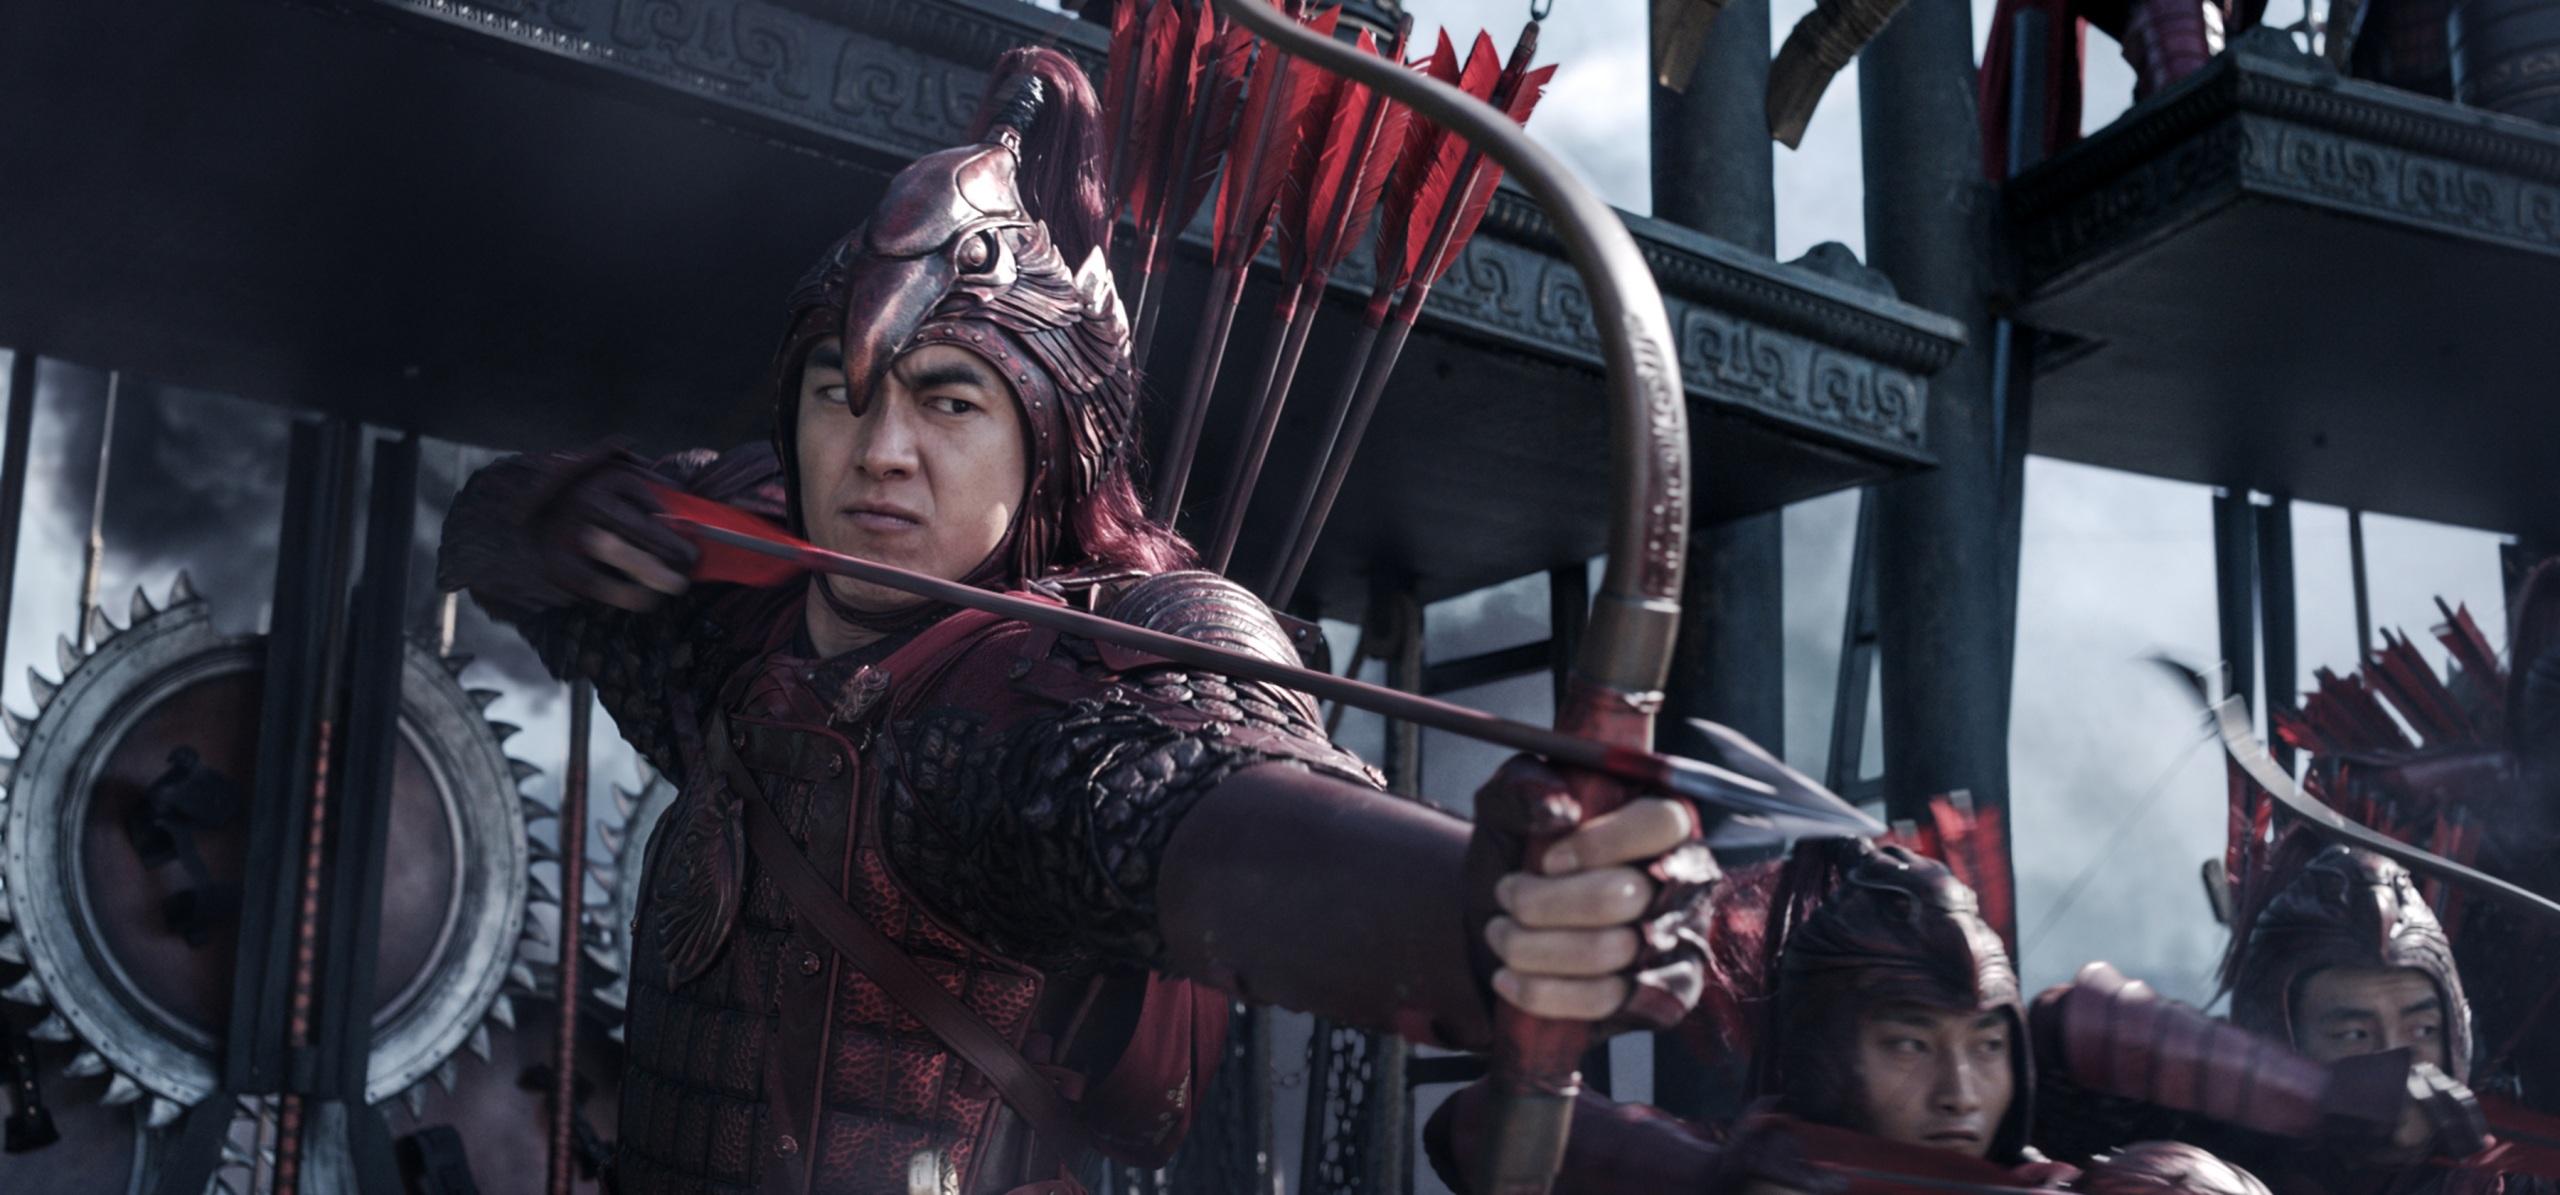 Китайские фильмы, смотреть онлайн лучшие новинки Китайского